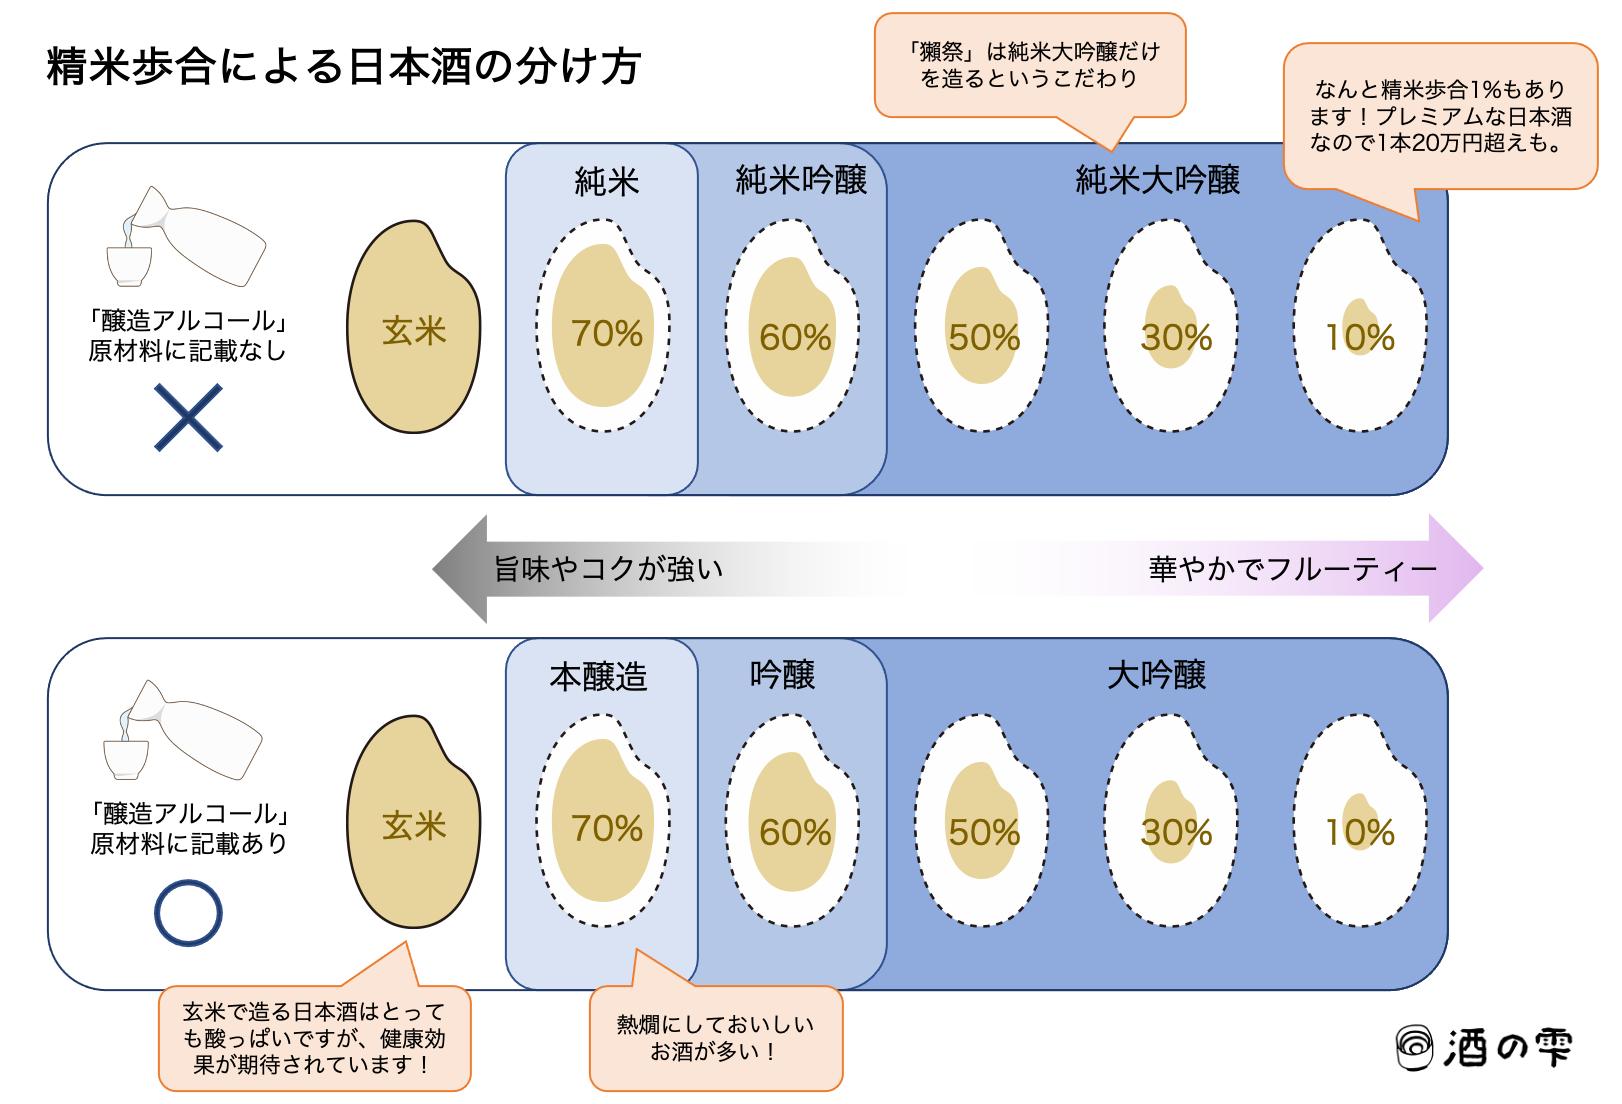 精米歩合による日本酒の分け方